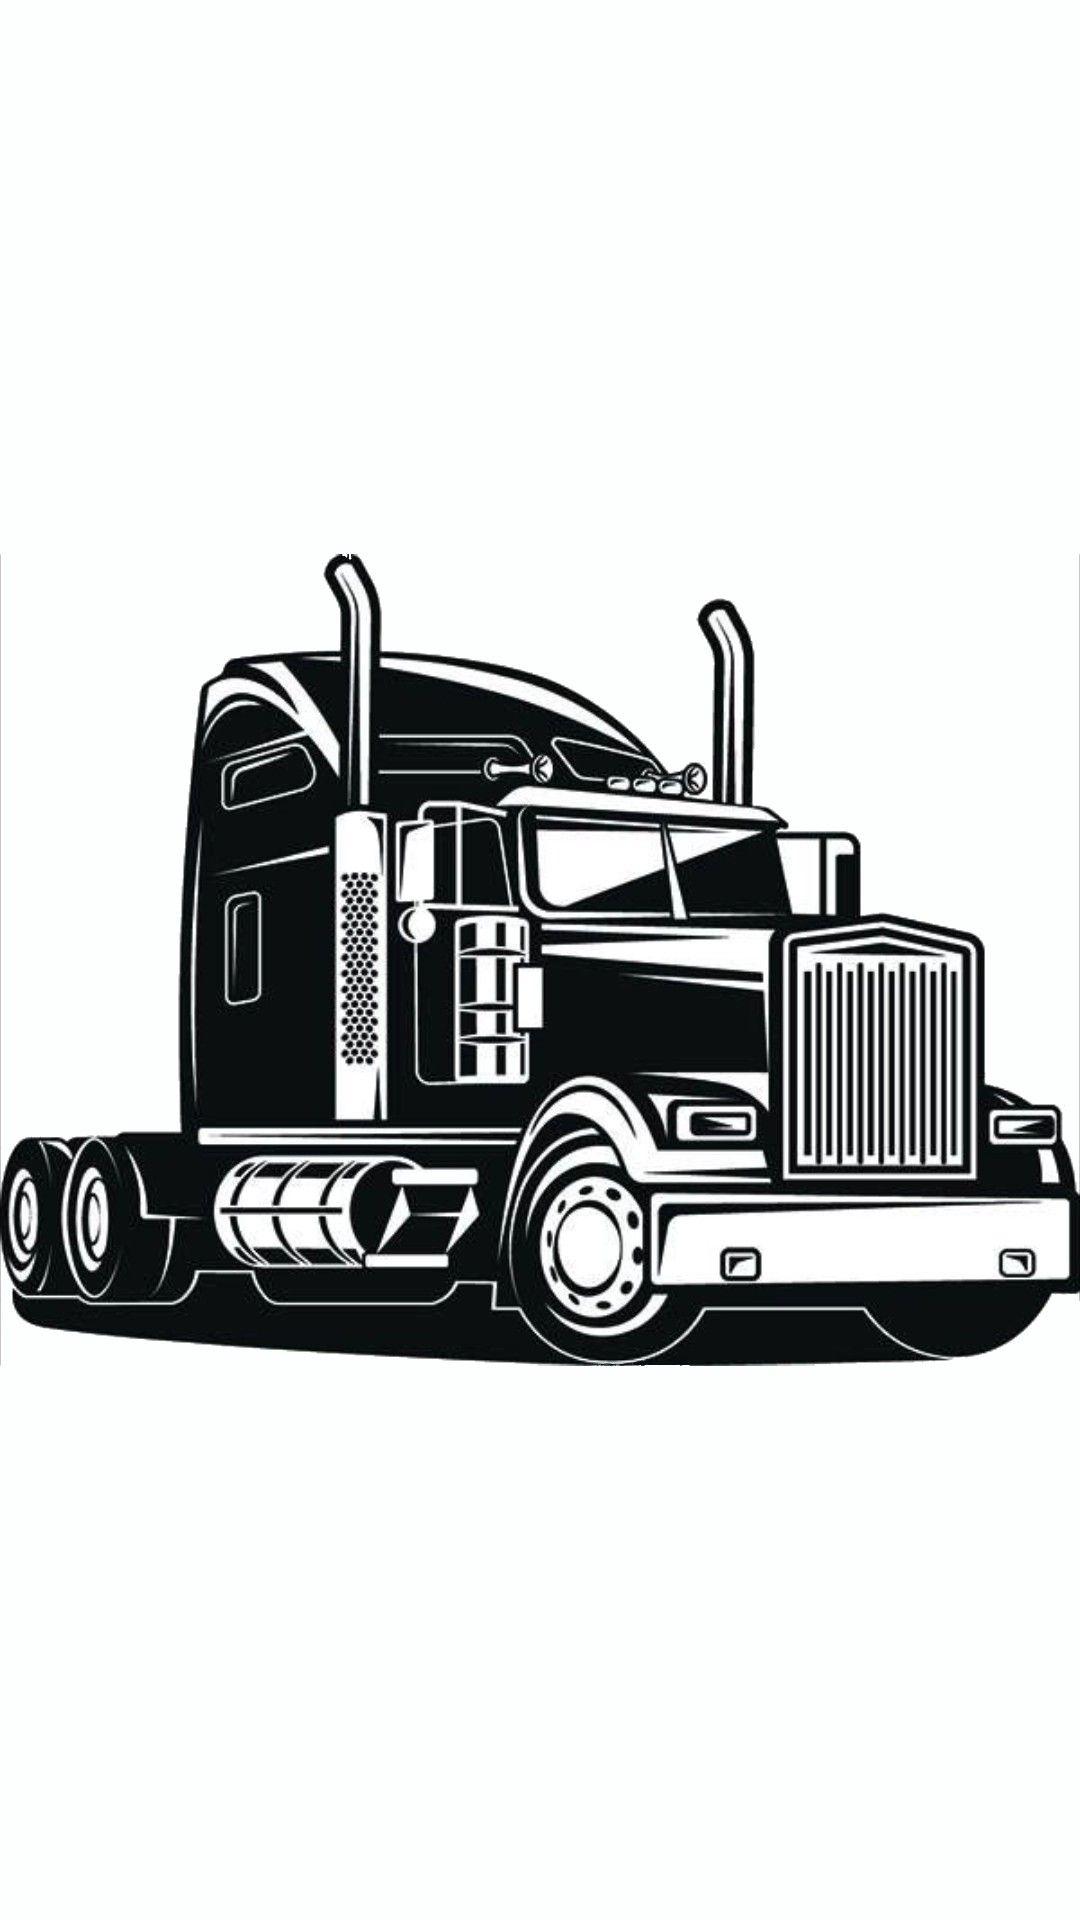 Pin De Darien Brouck En Chris Tattoo Sleave Camion De Volteo Camion Dibujo Camiones Kenworth